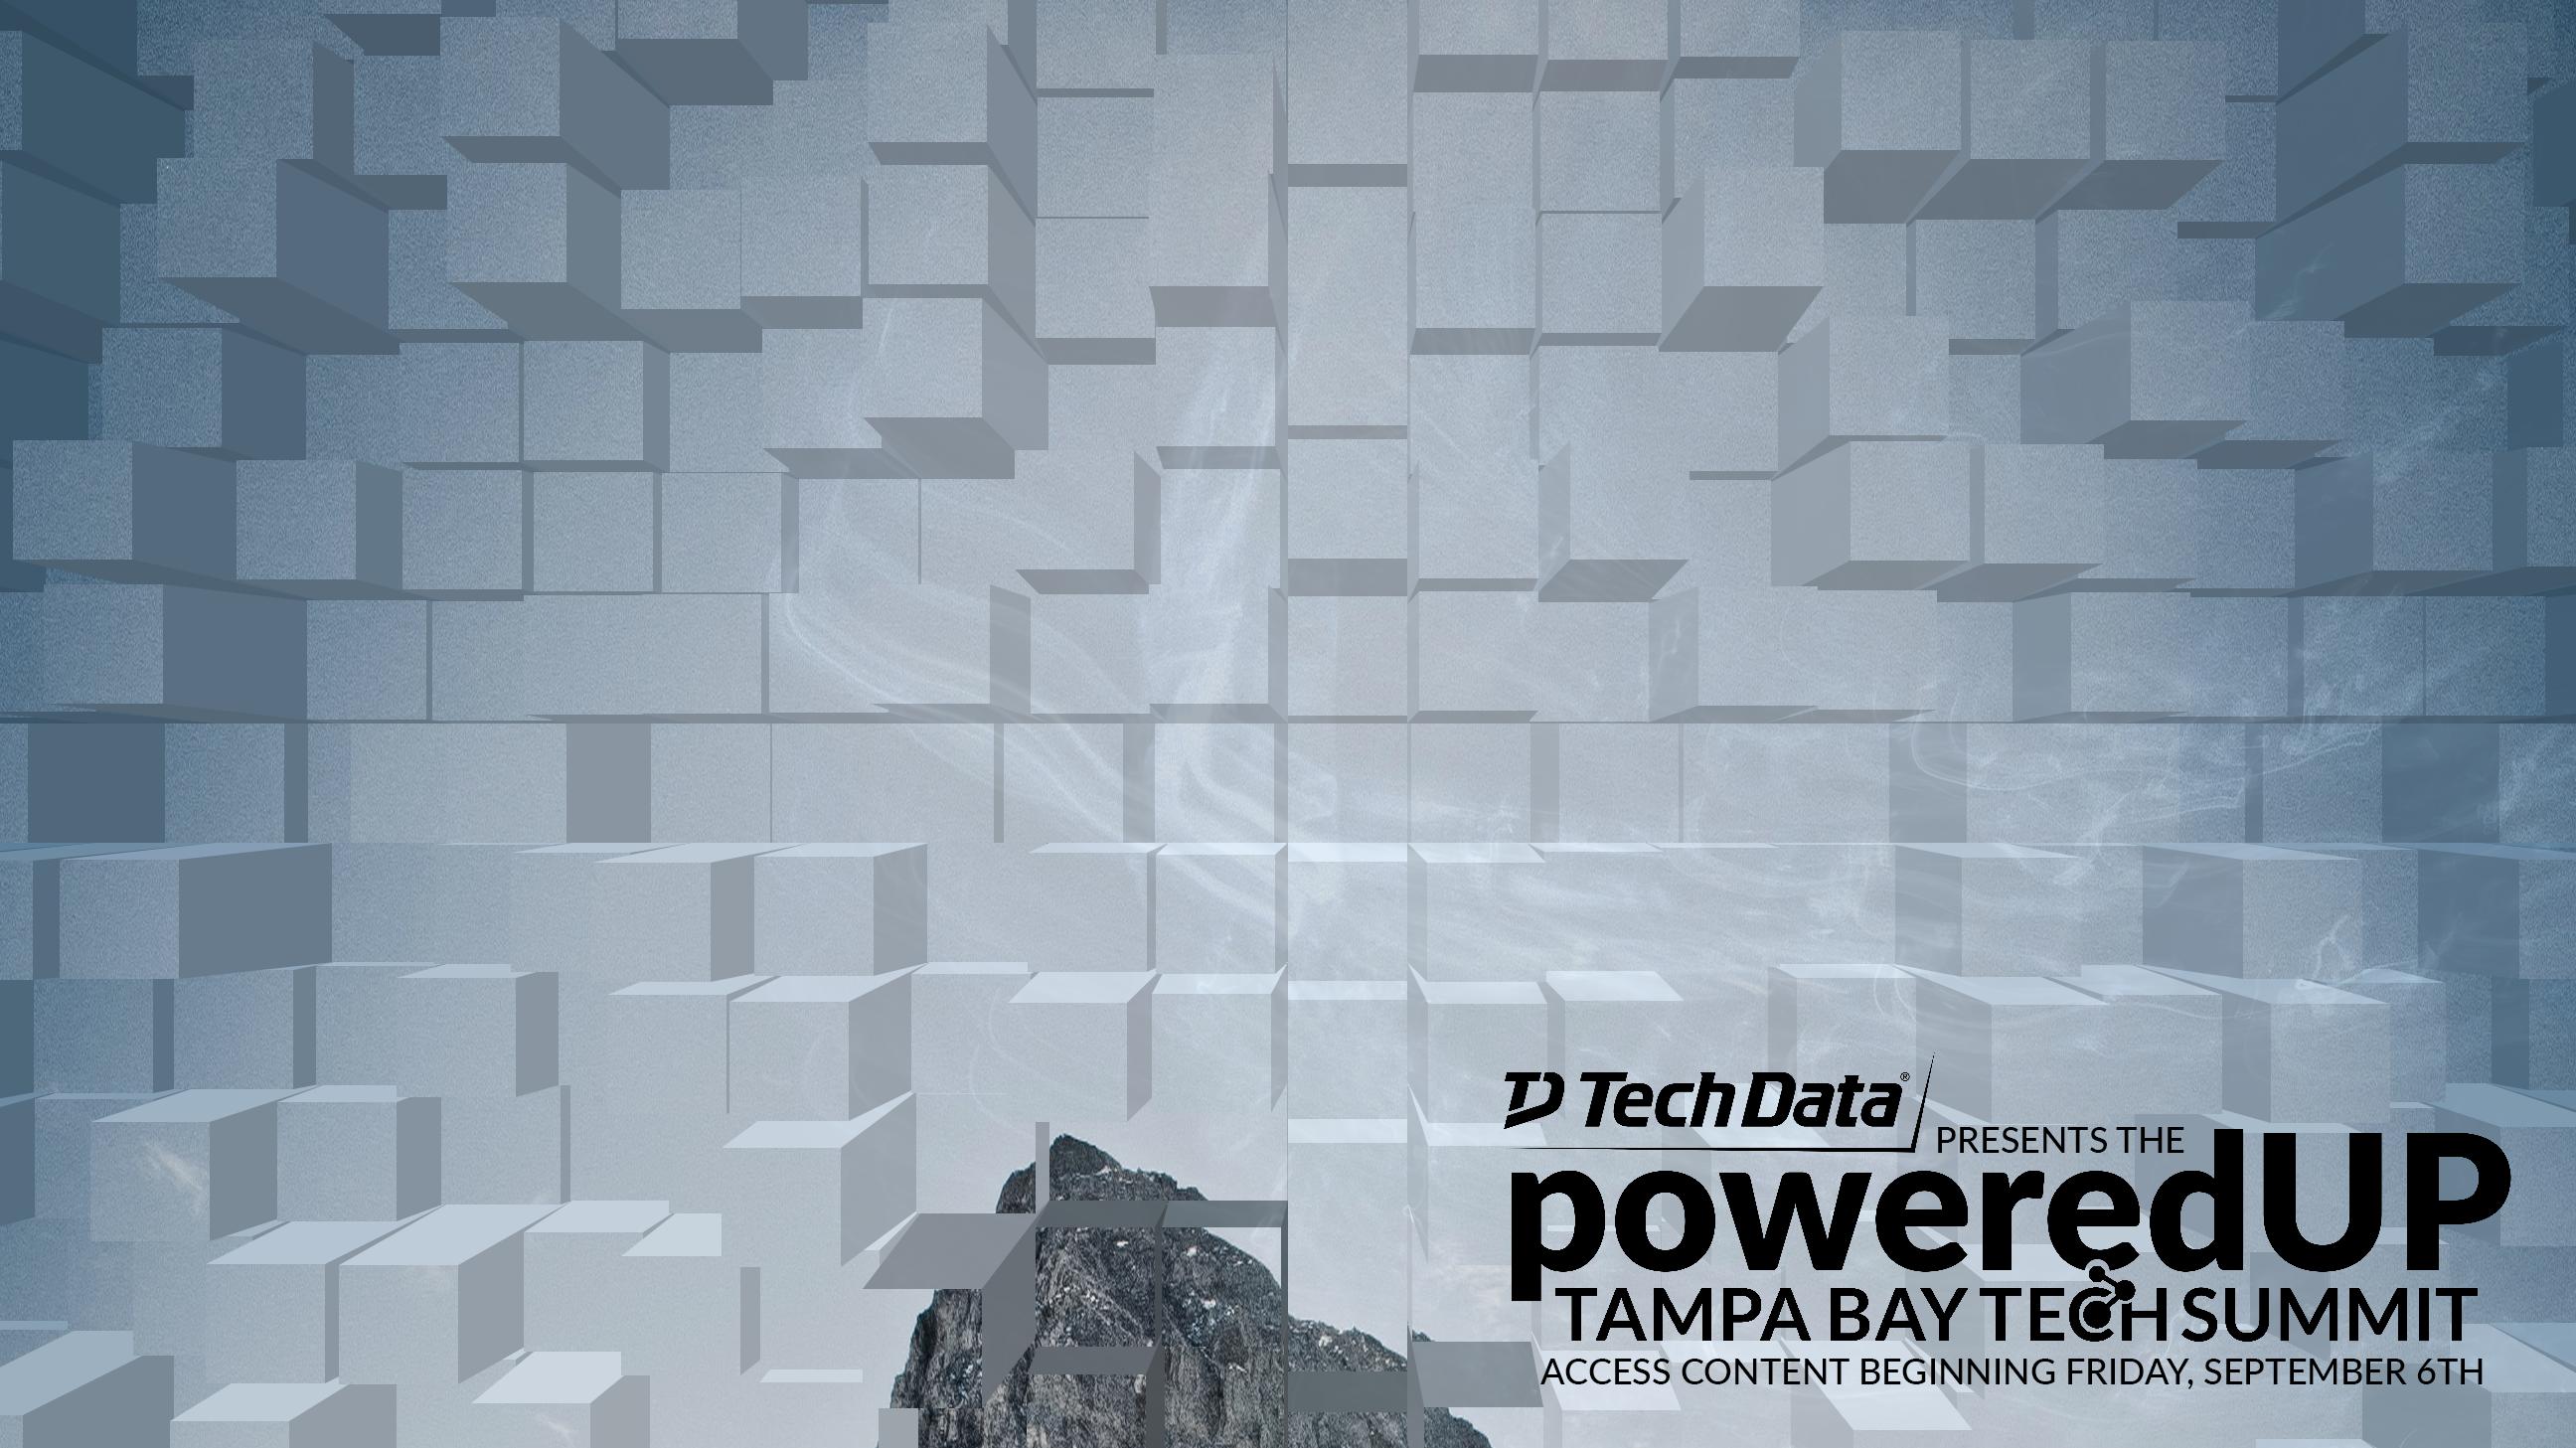 poweredUP Tampa Bay Tech (Virtual) Summit